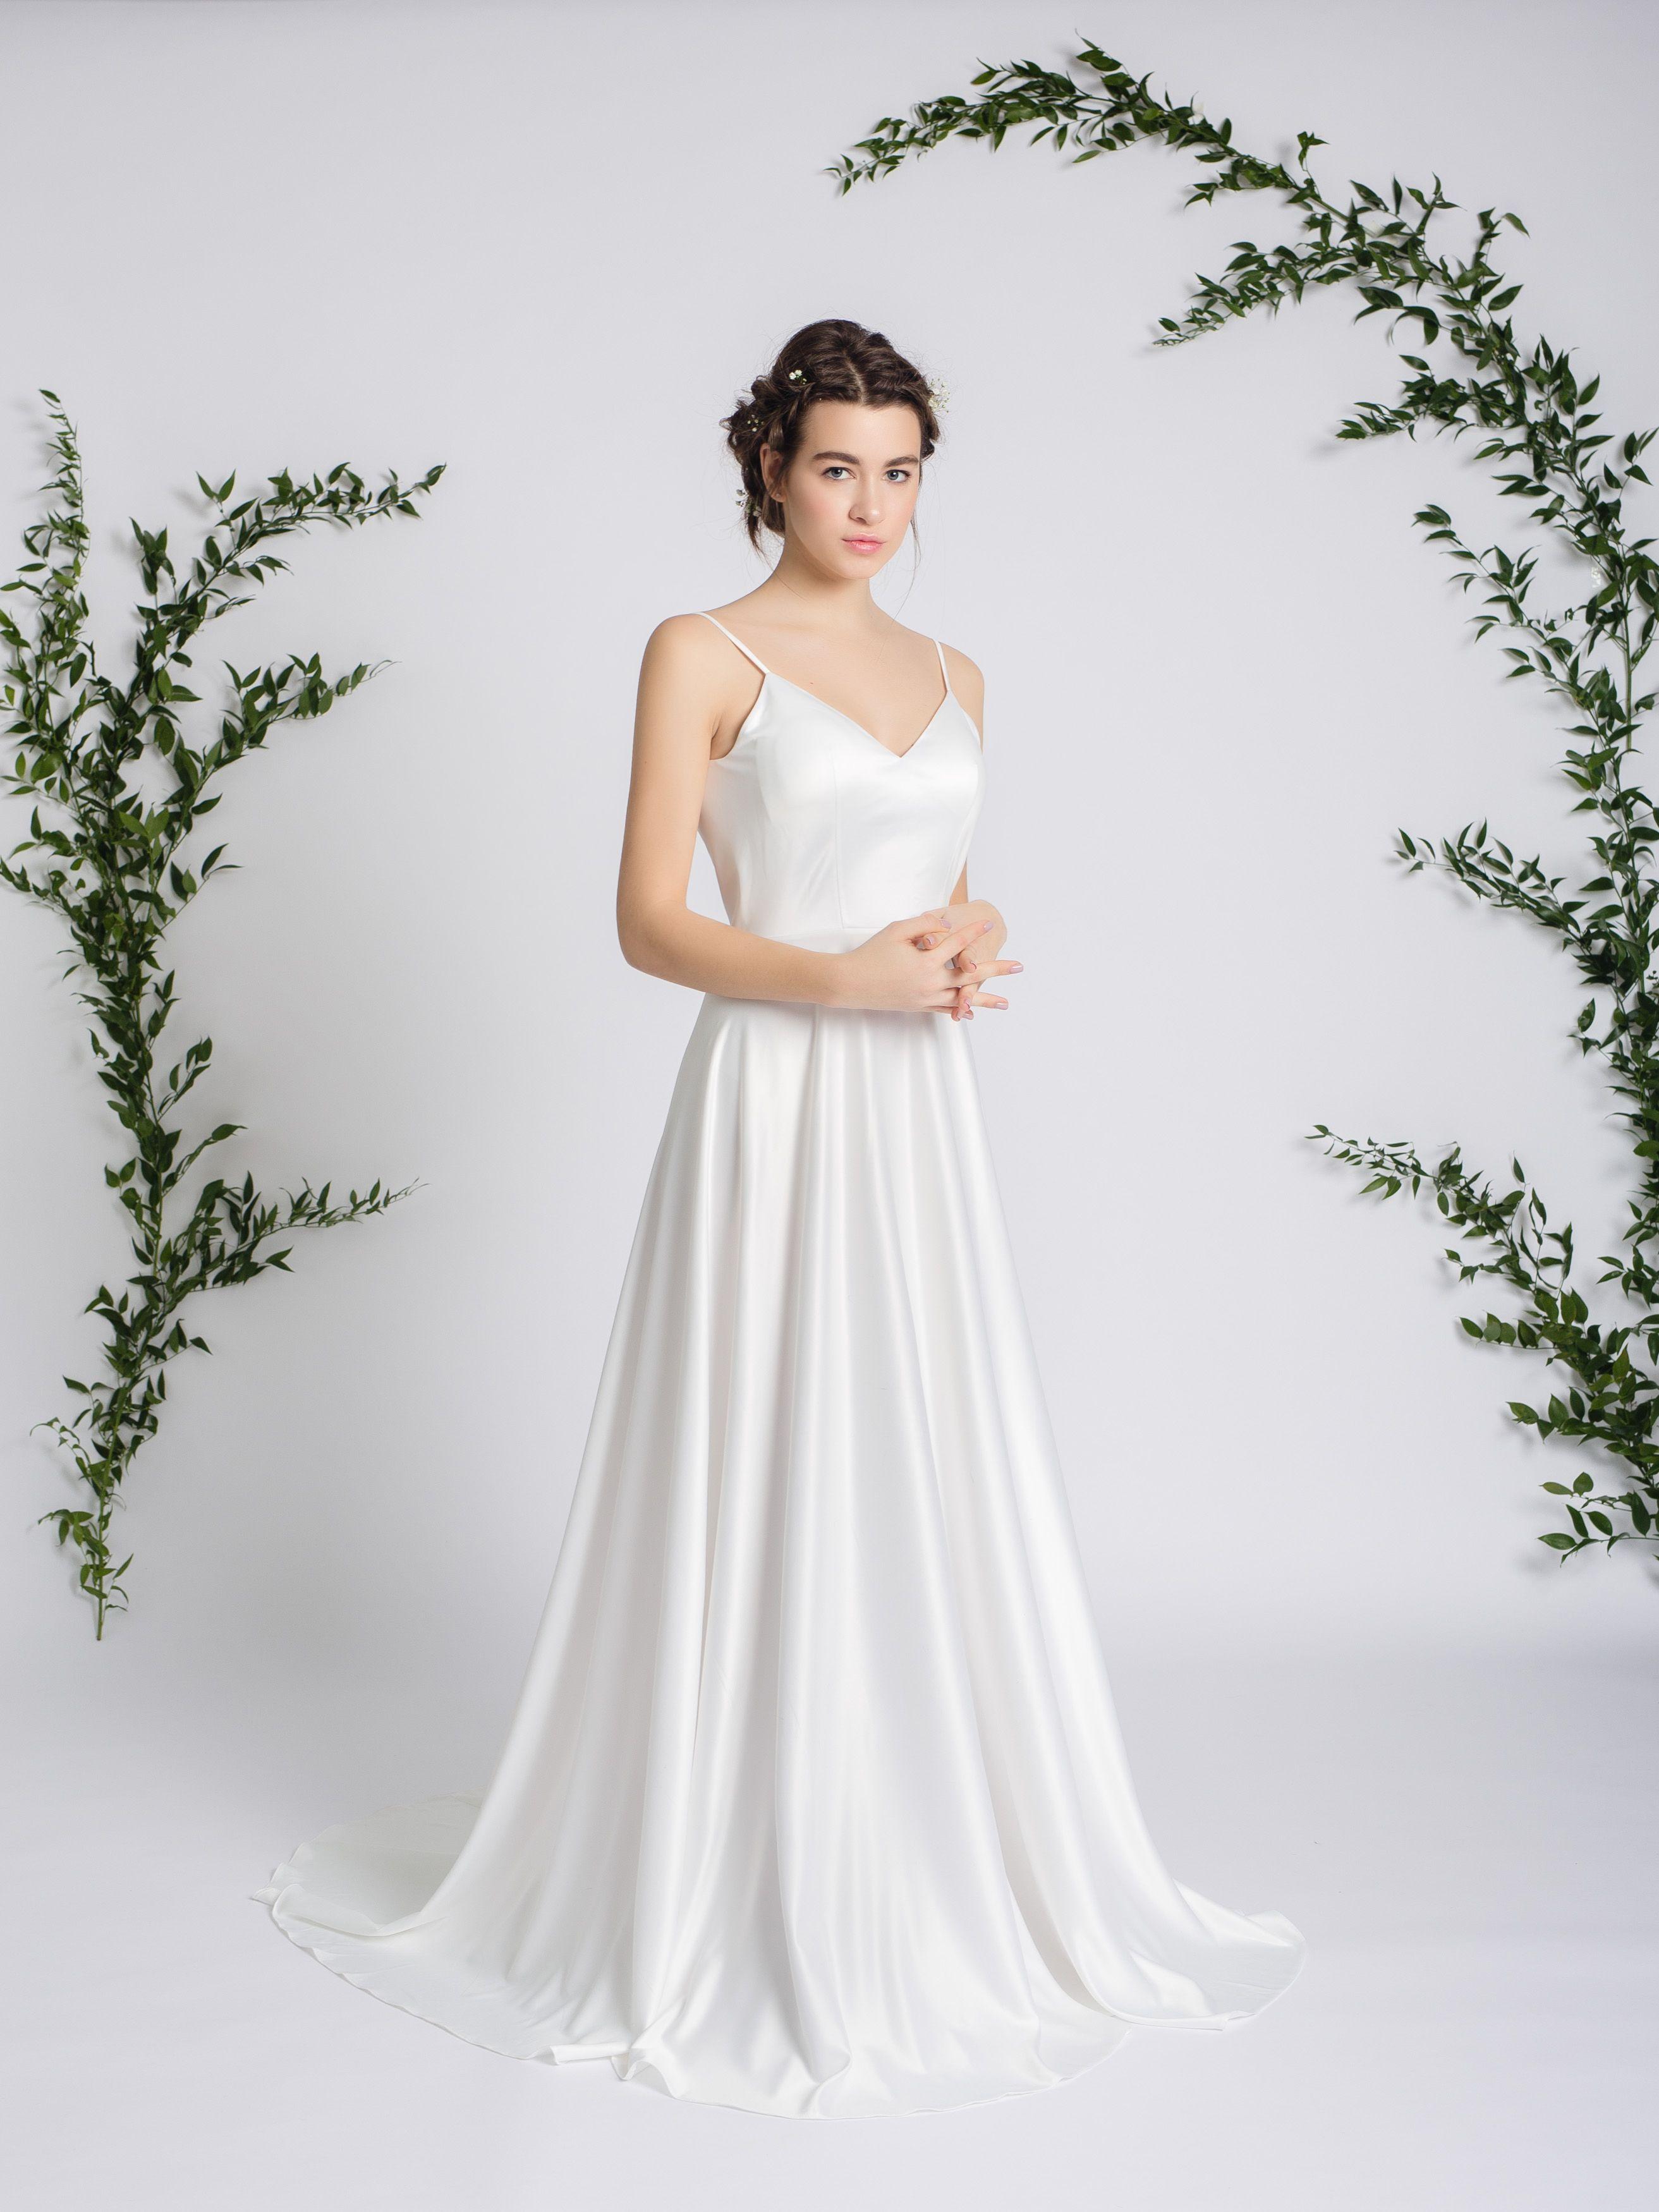 3c22ab00909 Легкое воздушное шелковое свадебное платье 2019 молочного цвета.   weddingdress  weddress  свадебноеплатье